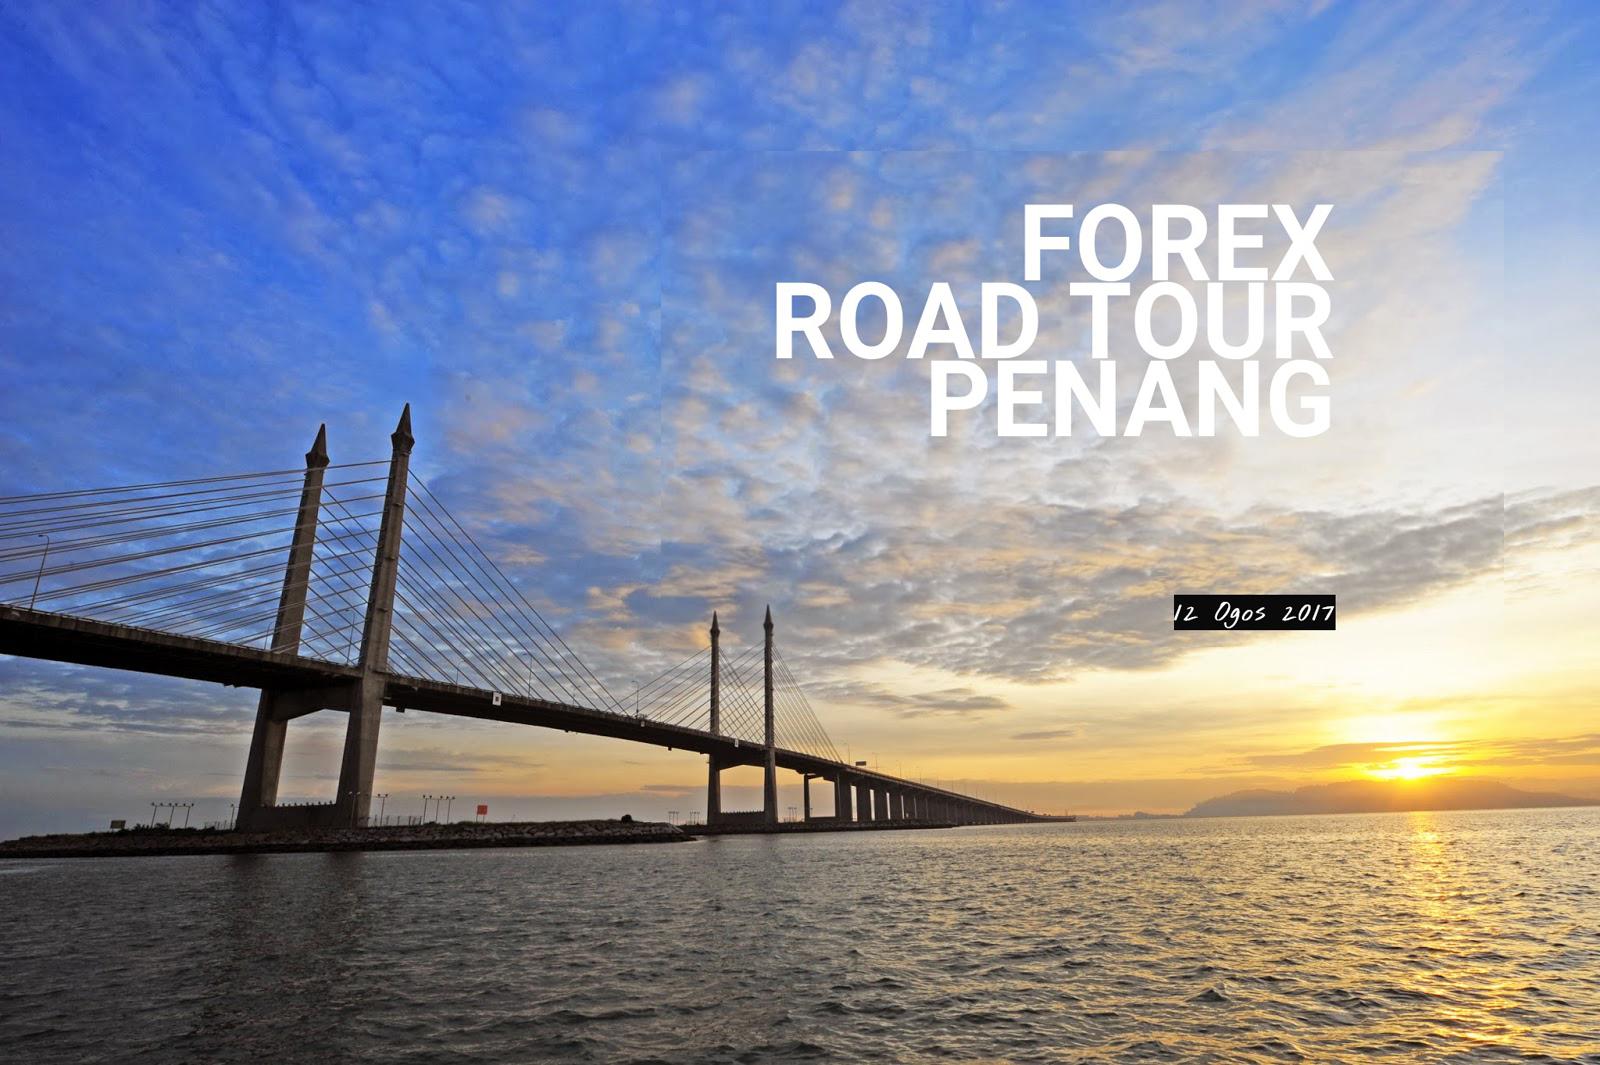 Forex 2017 malaysia